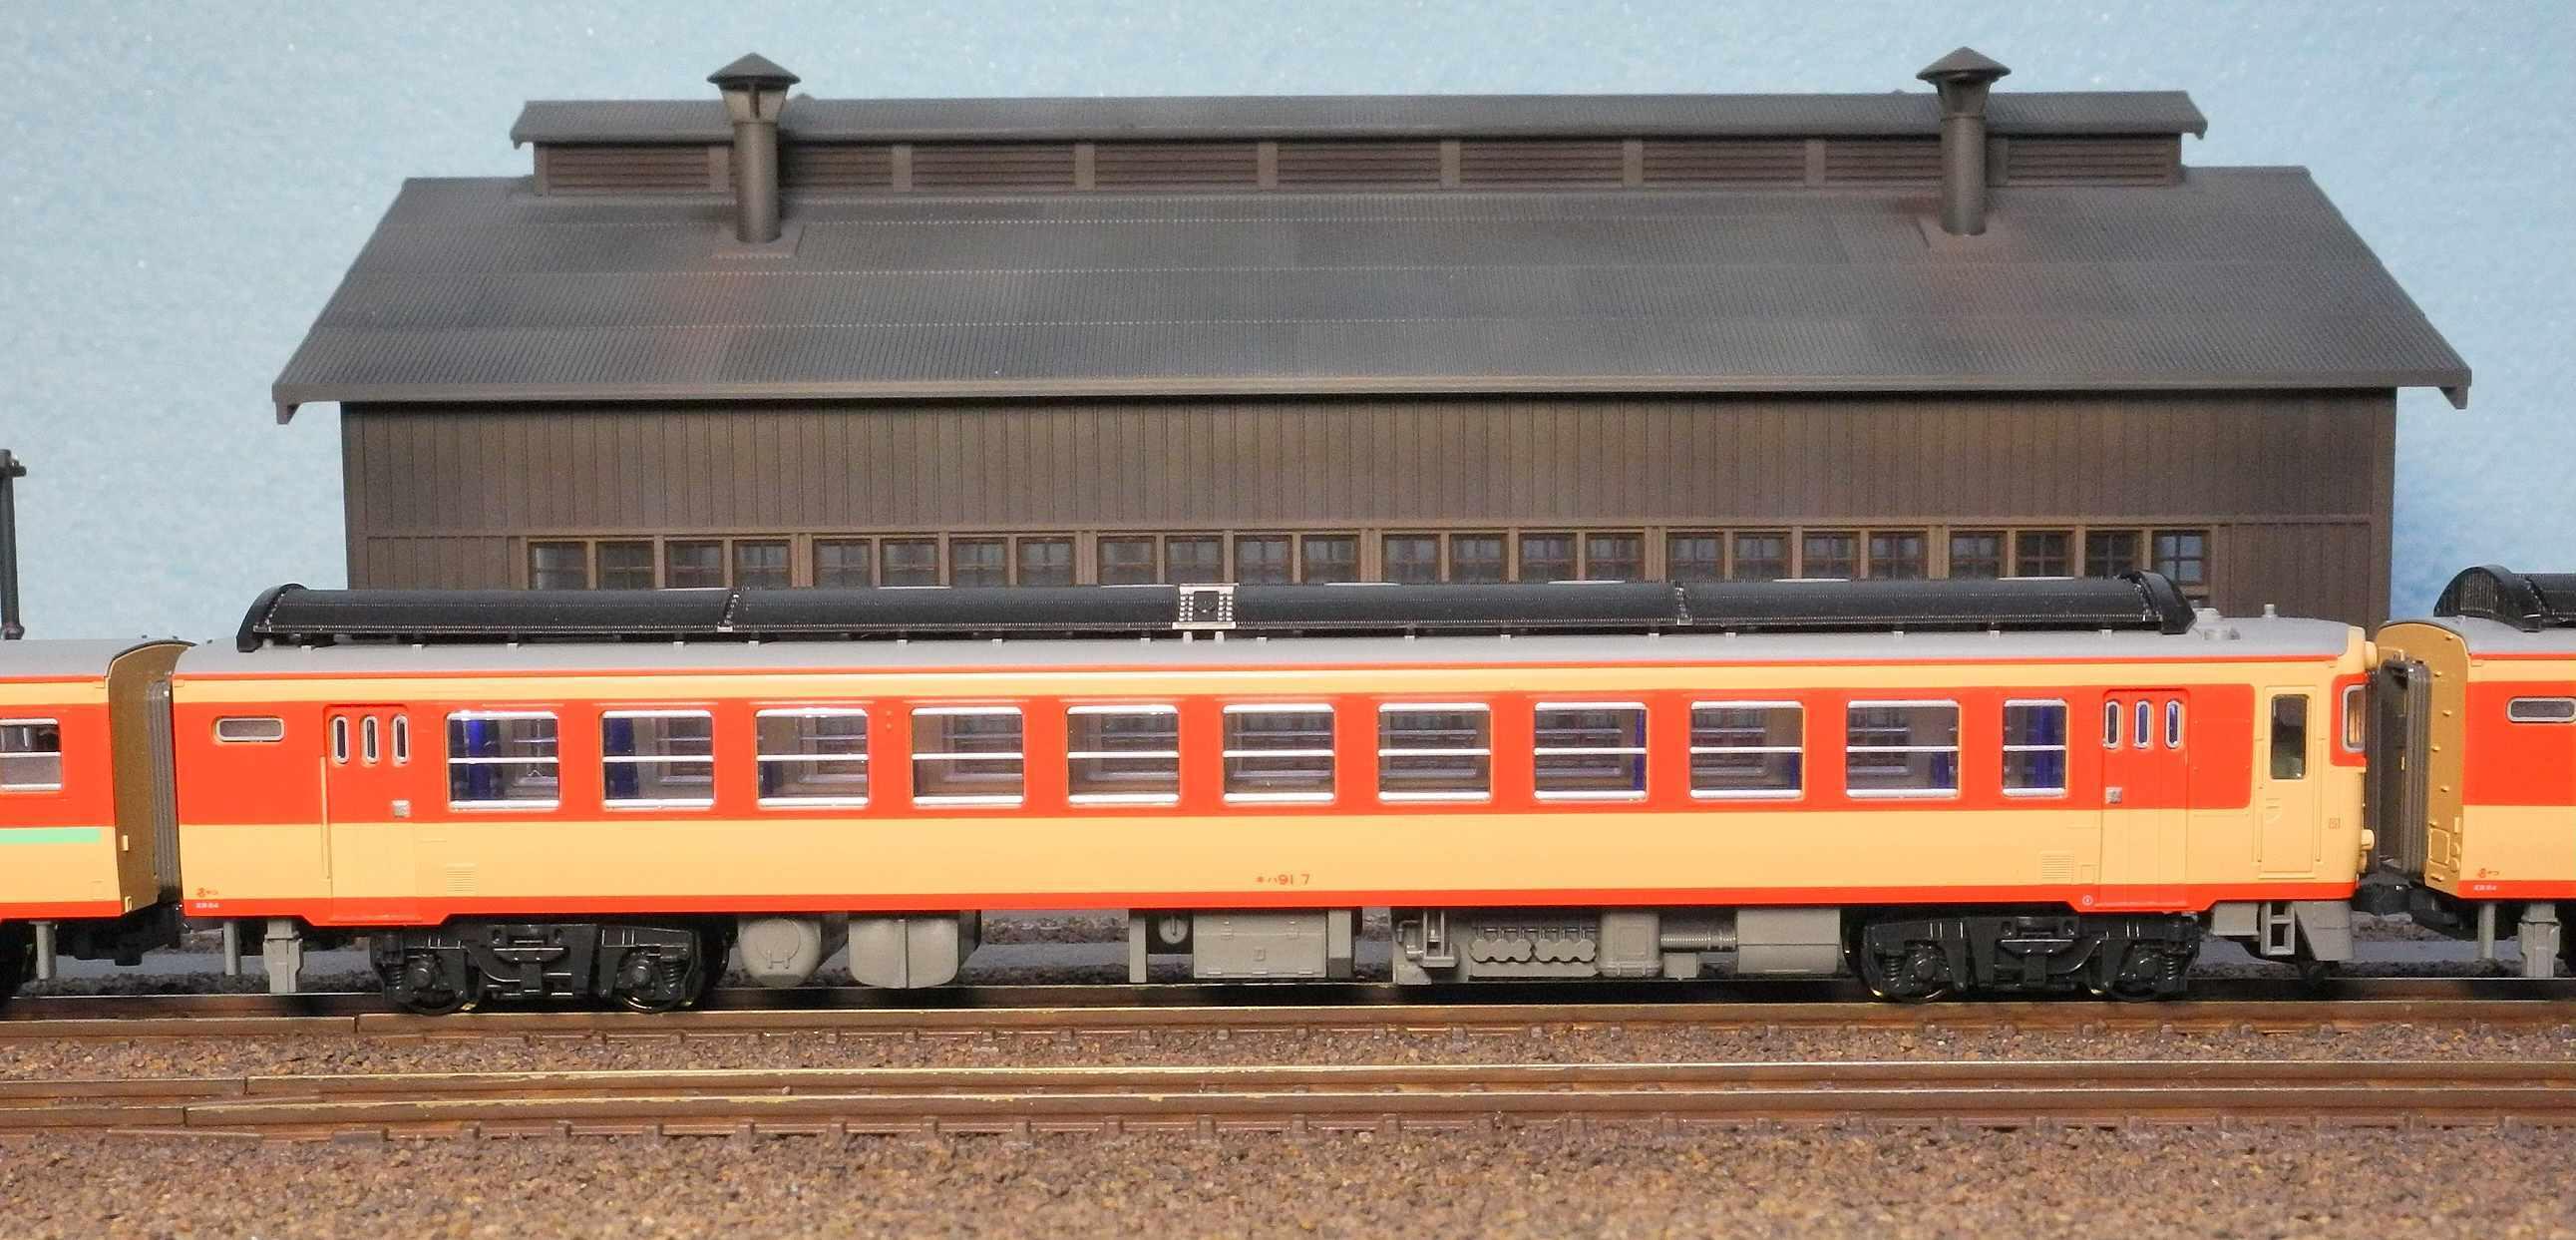 DSCN8777-1.jpg